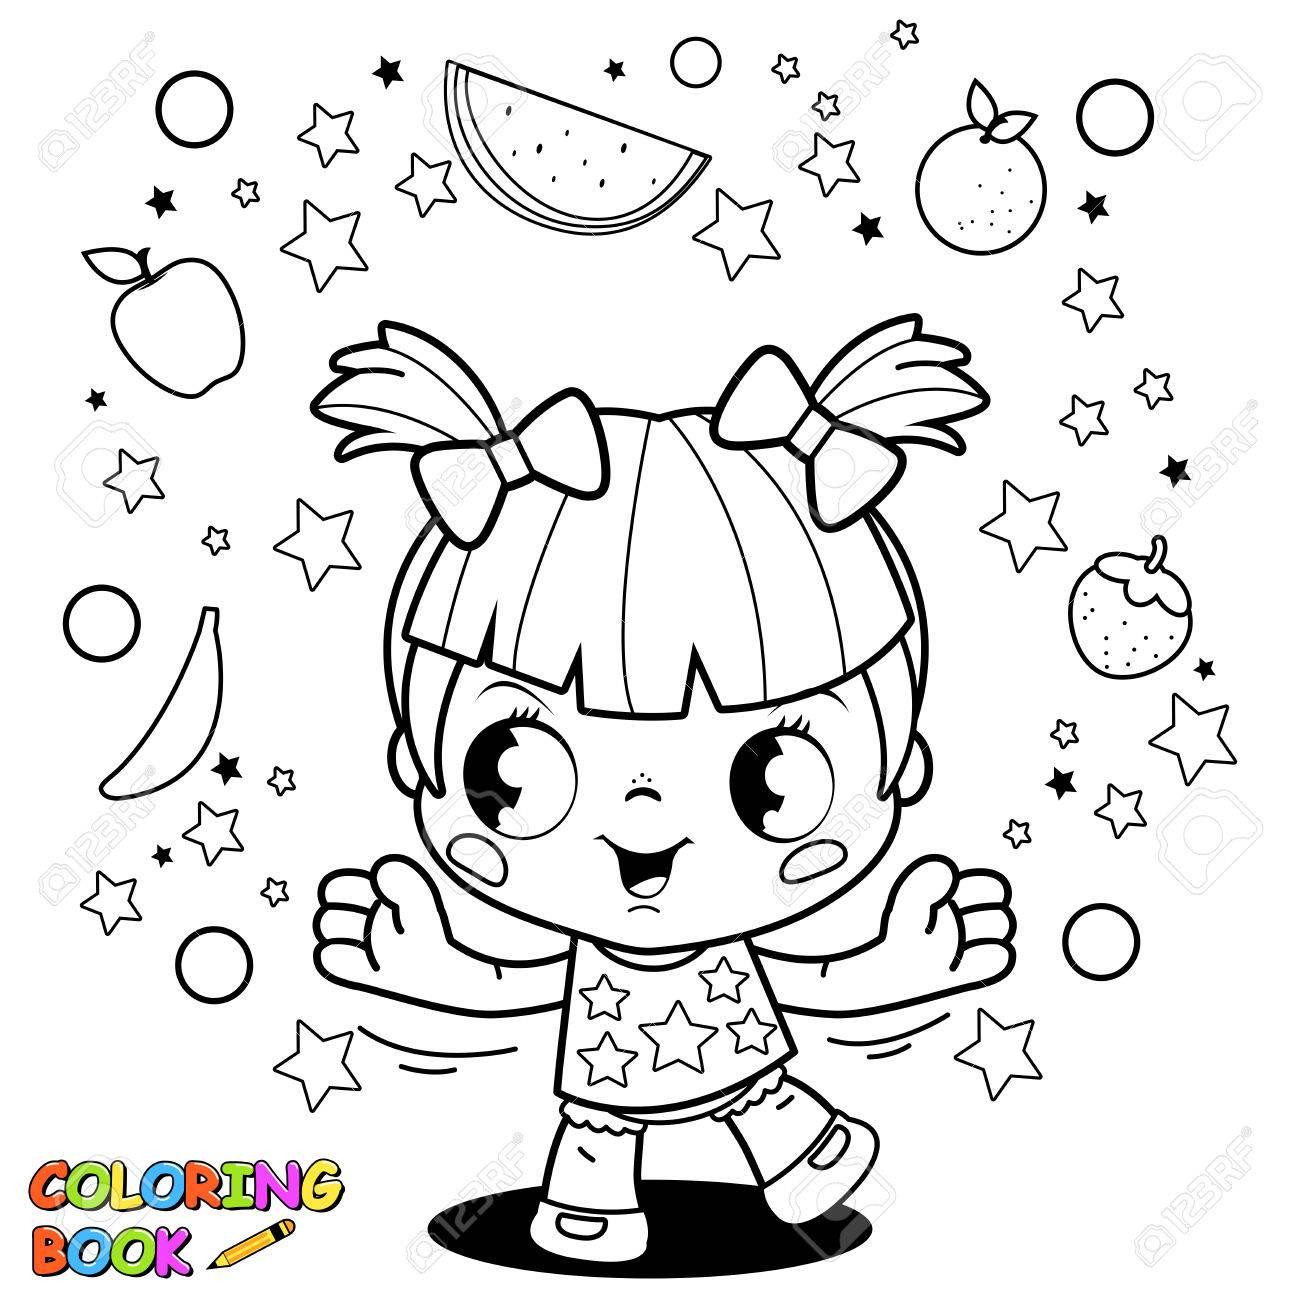 Pequeño Libro De Colorear La Fruta Chica Linda Malabares ...